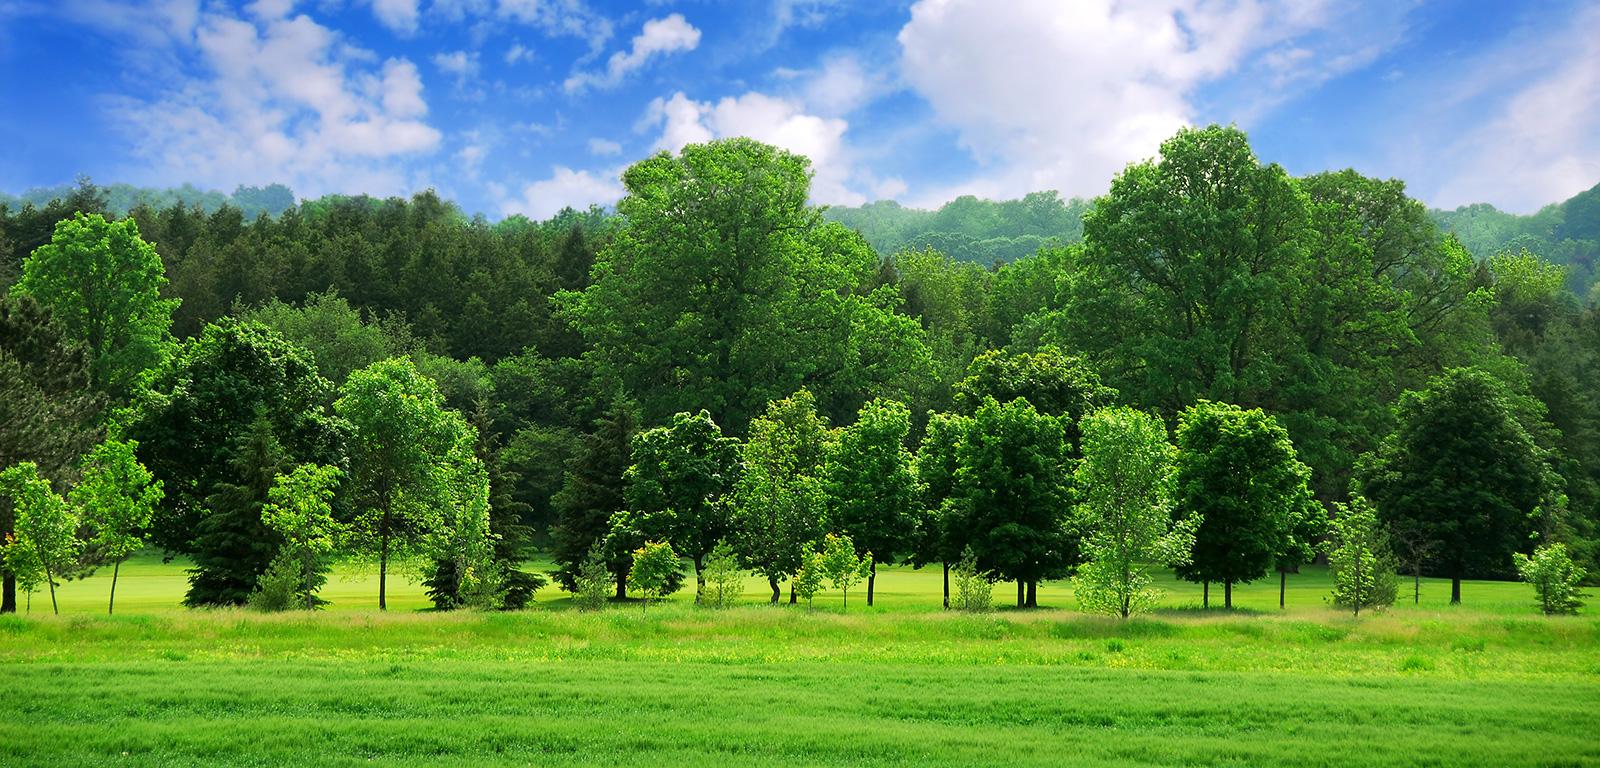 Các thành phố ở Mỹ đối diện với nỗi lo mất 36 triệu cây xanh mỗi năm - Ảnh 2.